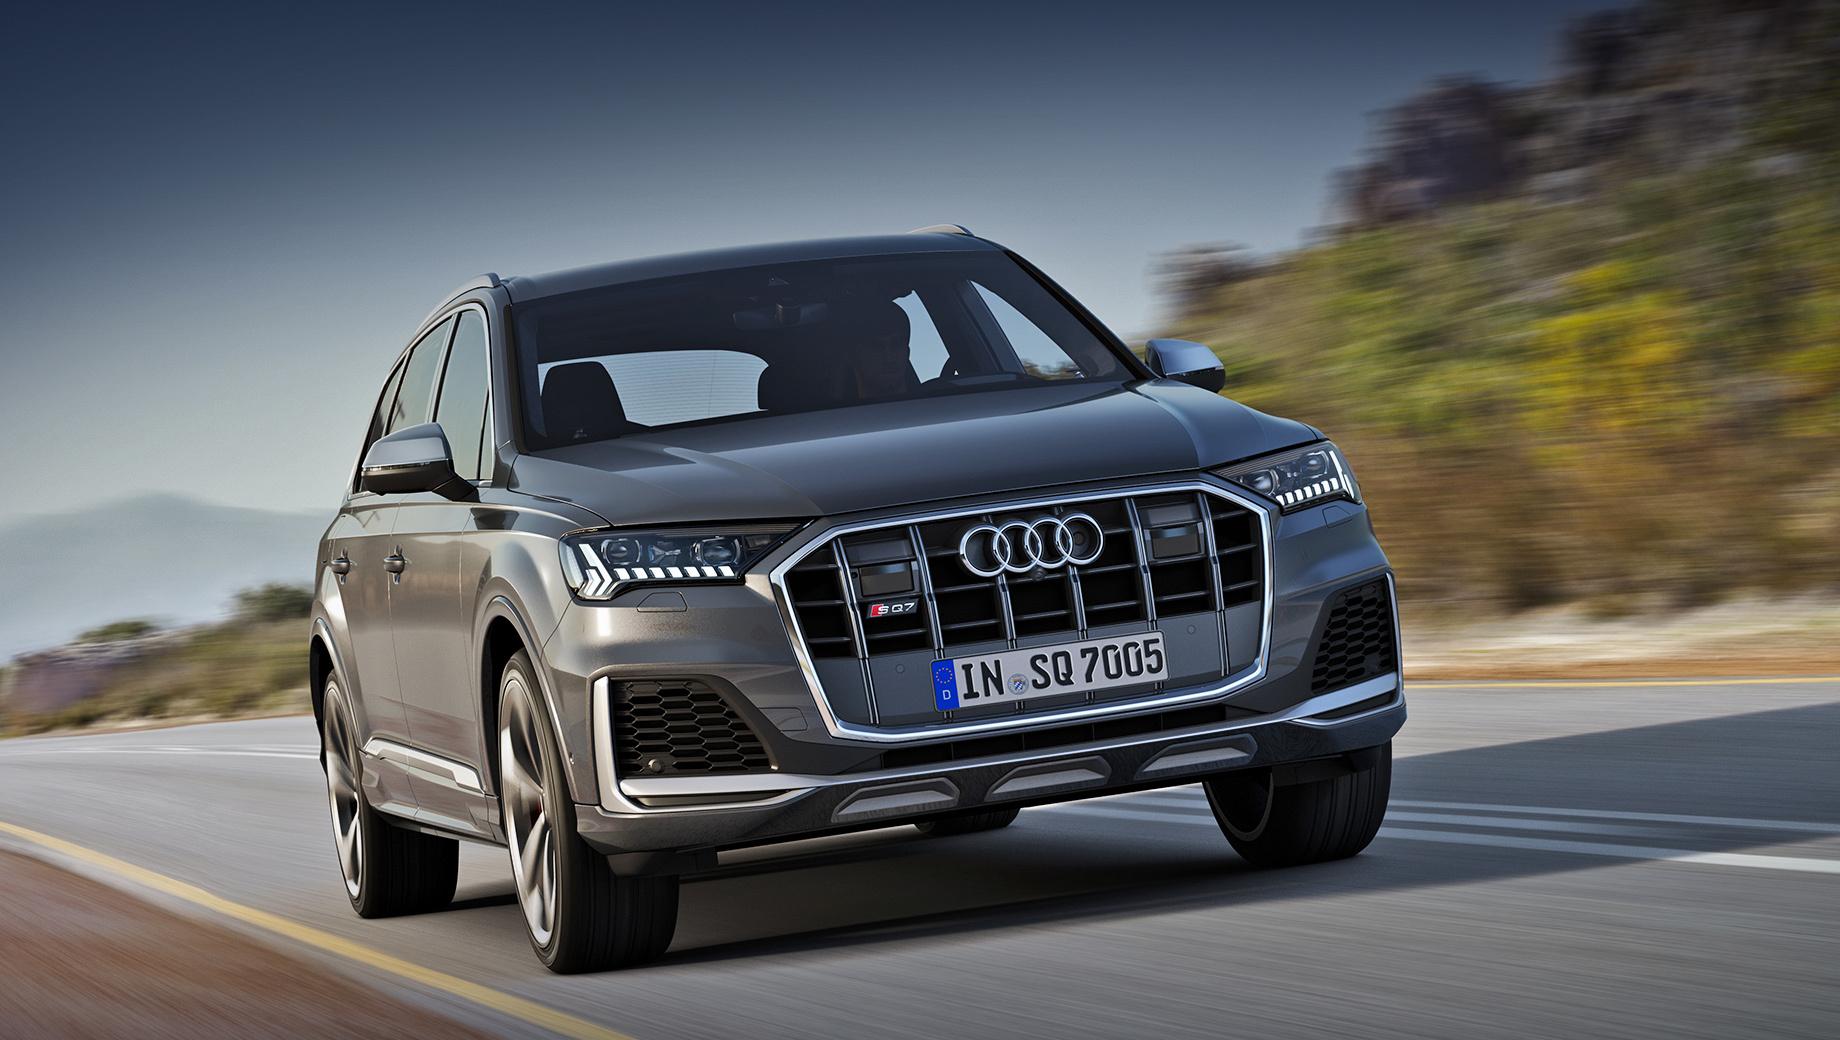 Audi sq7. За светодиодные фары Matrix LED доплачивать не нужно, как и за легкосплавные диски диаметром 21 дюйм. Каждый из восьми цветов кузова — опция ценой до 289 400 рублей. За 22-дюймовые колёса придётся отдать не меньше 100 200.